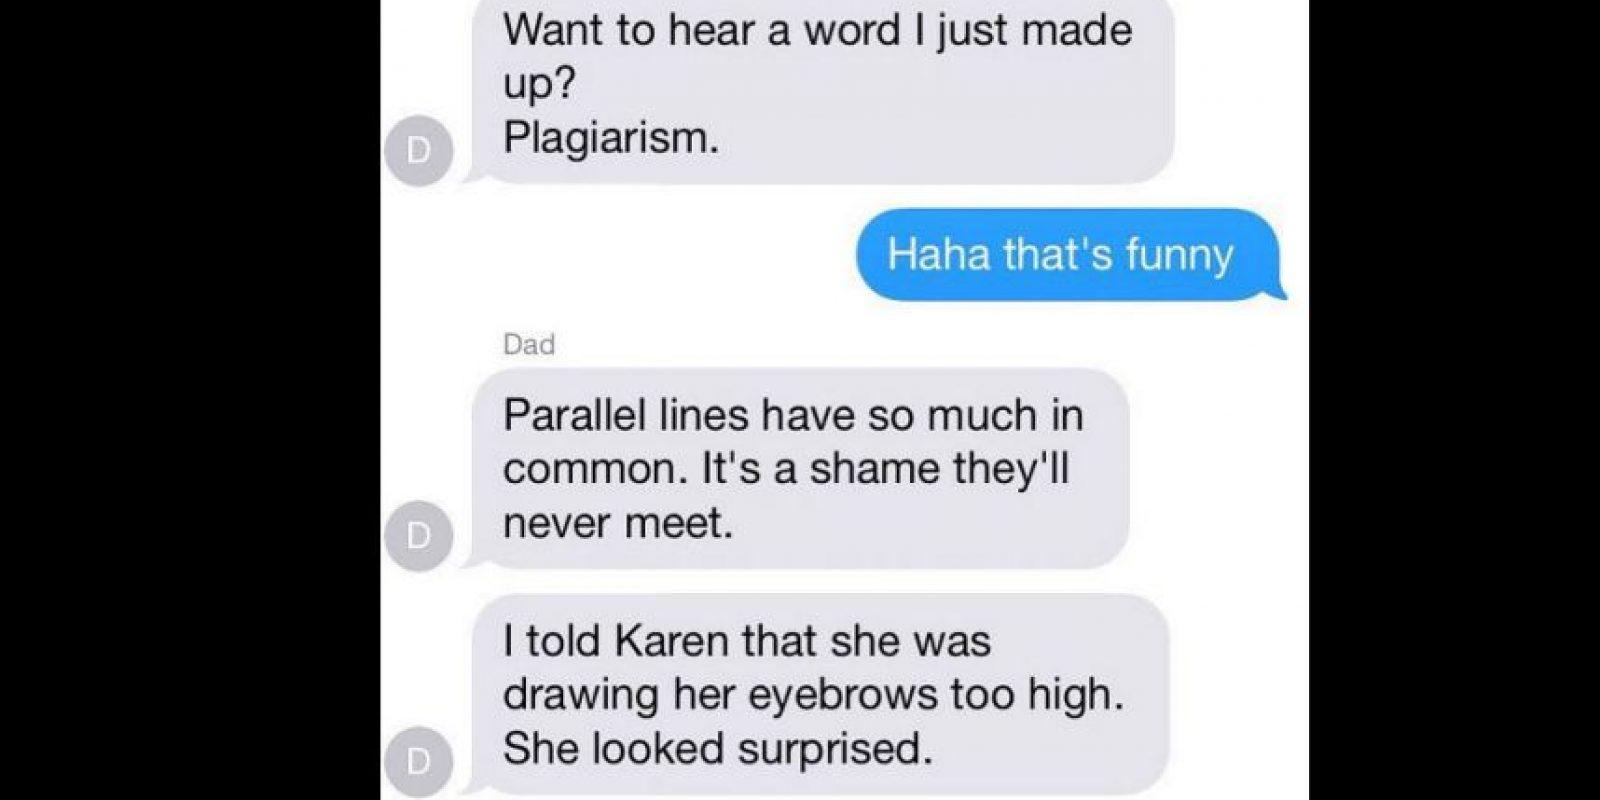 """Papá: ¿Quieres oír una nueva palabra que acabo de inventar? Plagio"""". Hijo: """"(risas) Eso es gracioso"""". Papá: Las líneas paralelas tienen mucho en común. Es una pena que nunca se encuentren. Le dije a Karen que ella dibujaba las cejas demasiado alto. Me miró sorprendida"""" Foto:instagram.com/crazyyourmom/"""